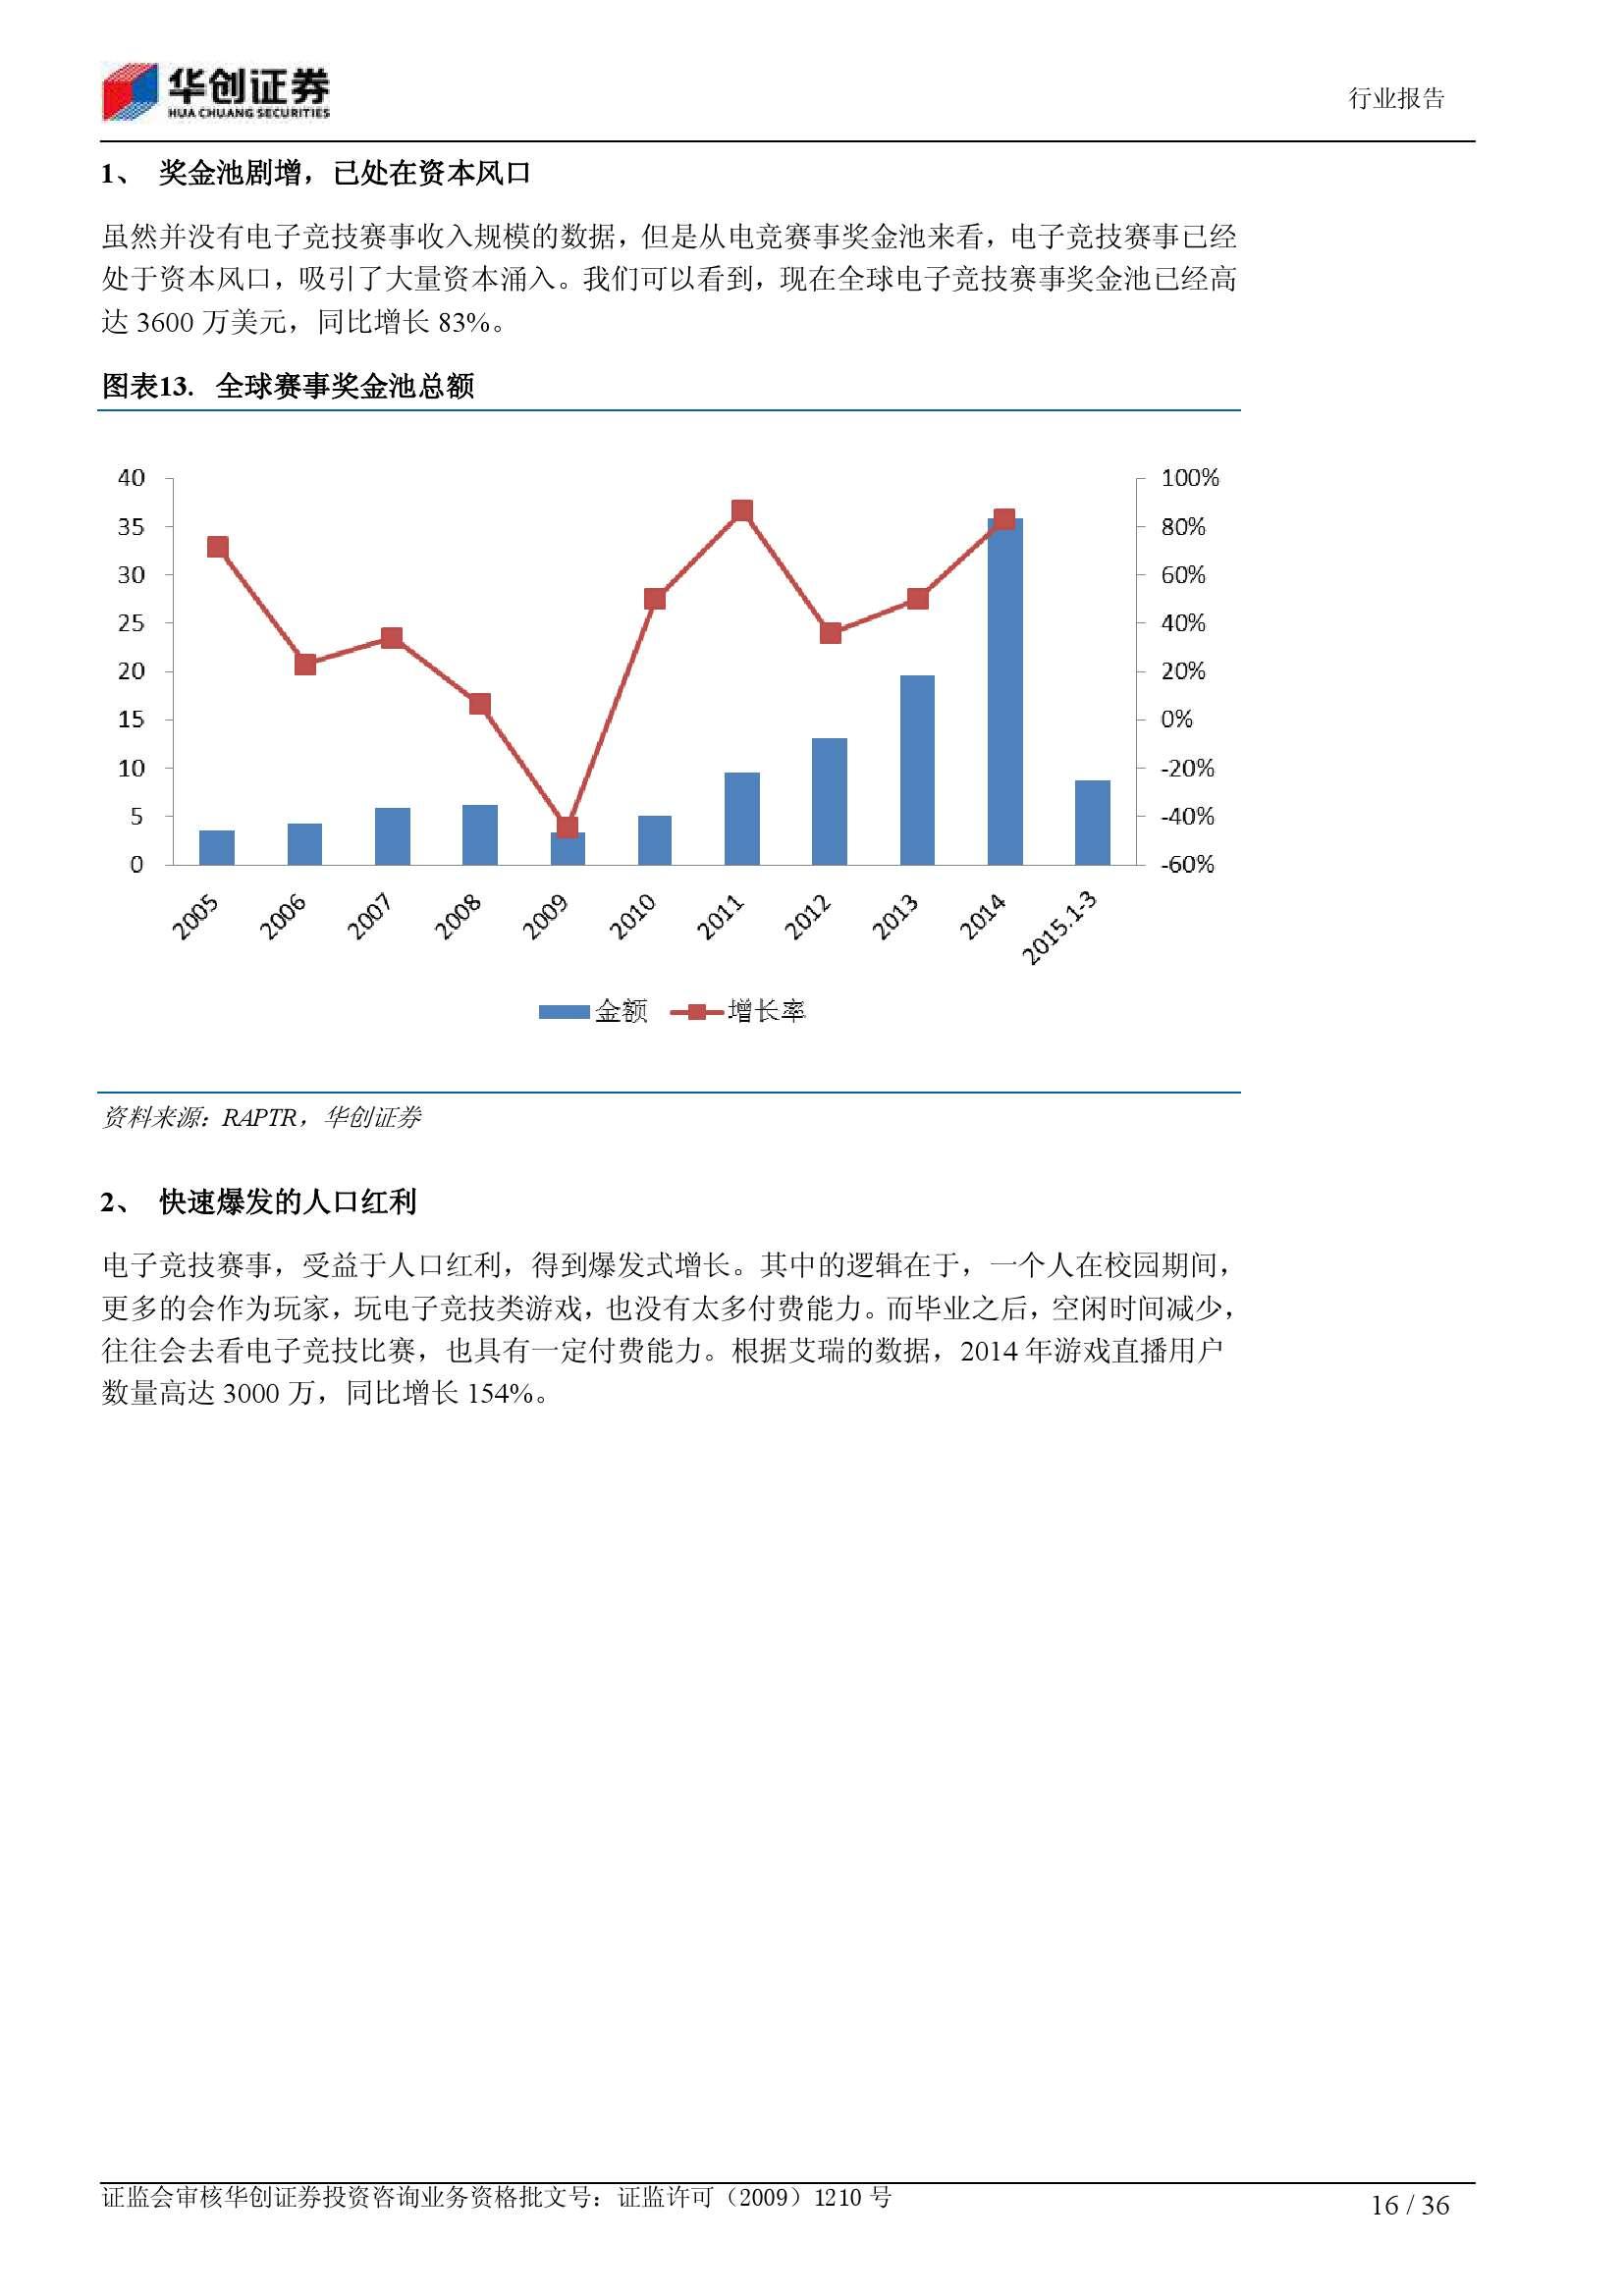 电子竞技深度报告:从小众娱乐 到千亿产业_000016